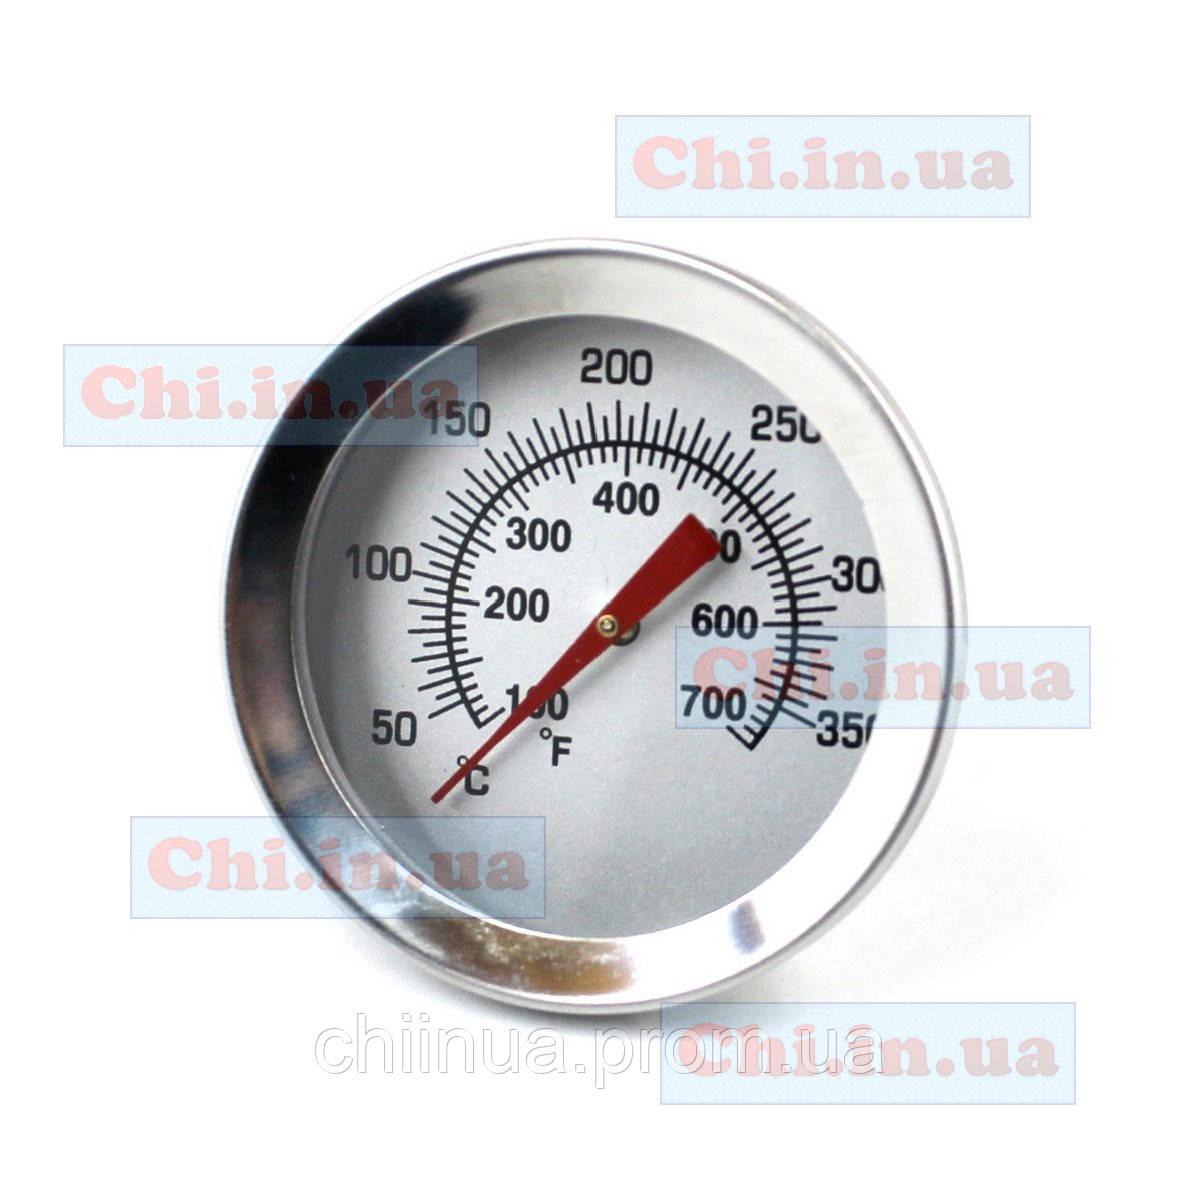 Купить градусник для коптильни холодного копчения как изготовить самогонный аппарат самостоятельно